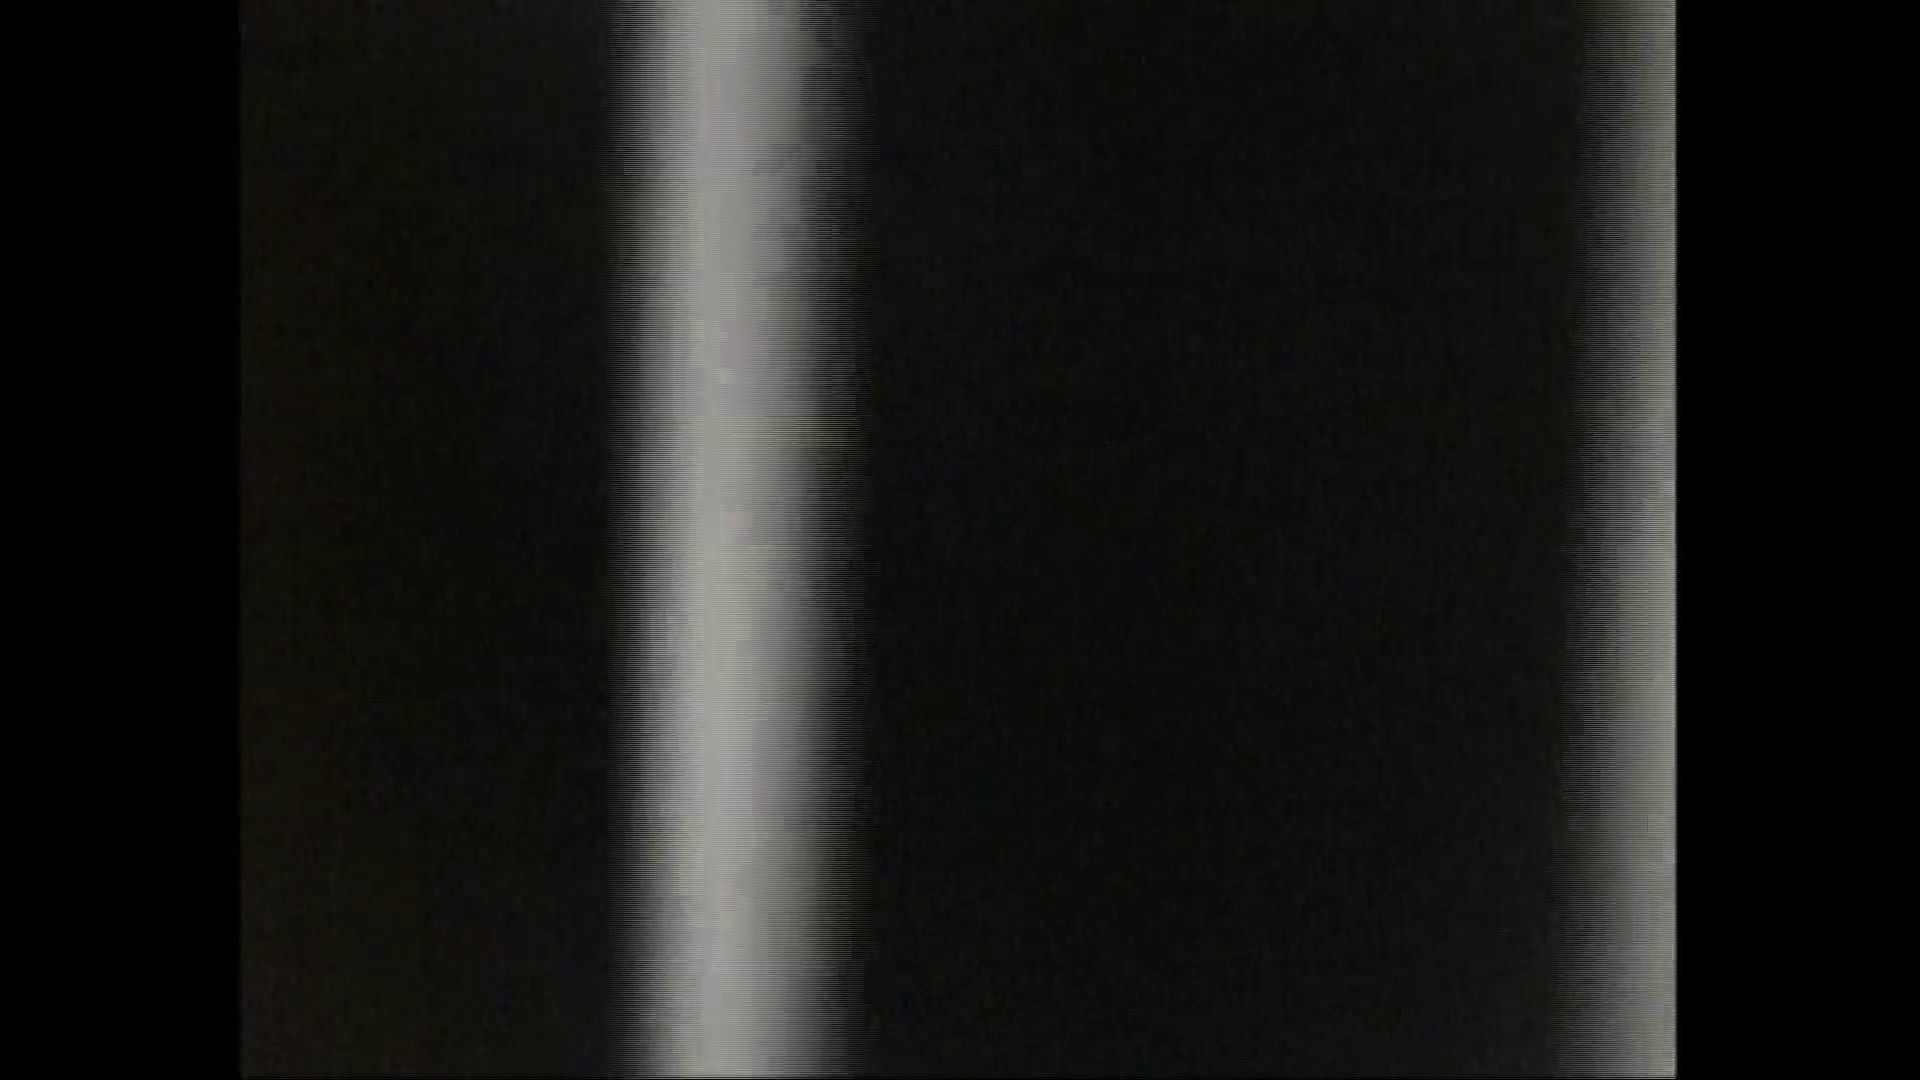 隙間からノゾク風呂 Vol.29 股をグイッとひらいて・・・。 美乳 AV無料 76枚 69